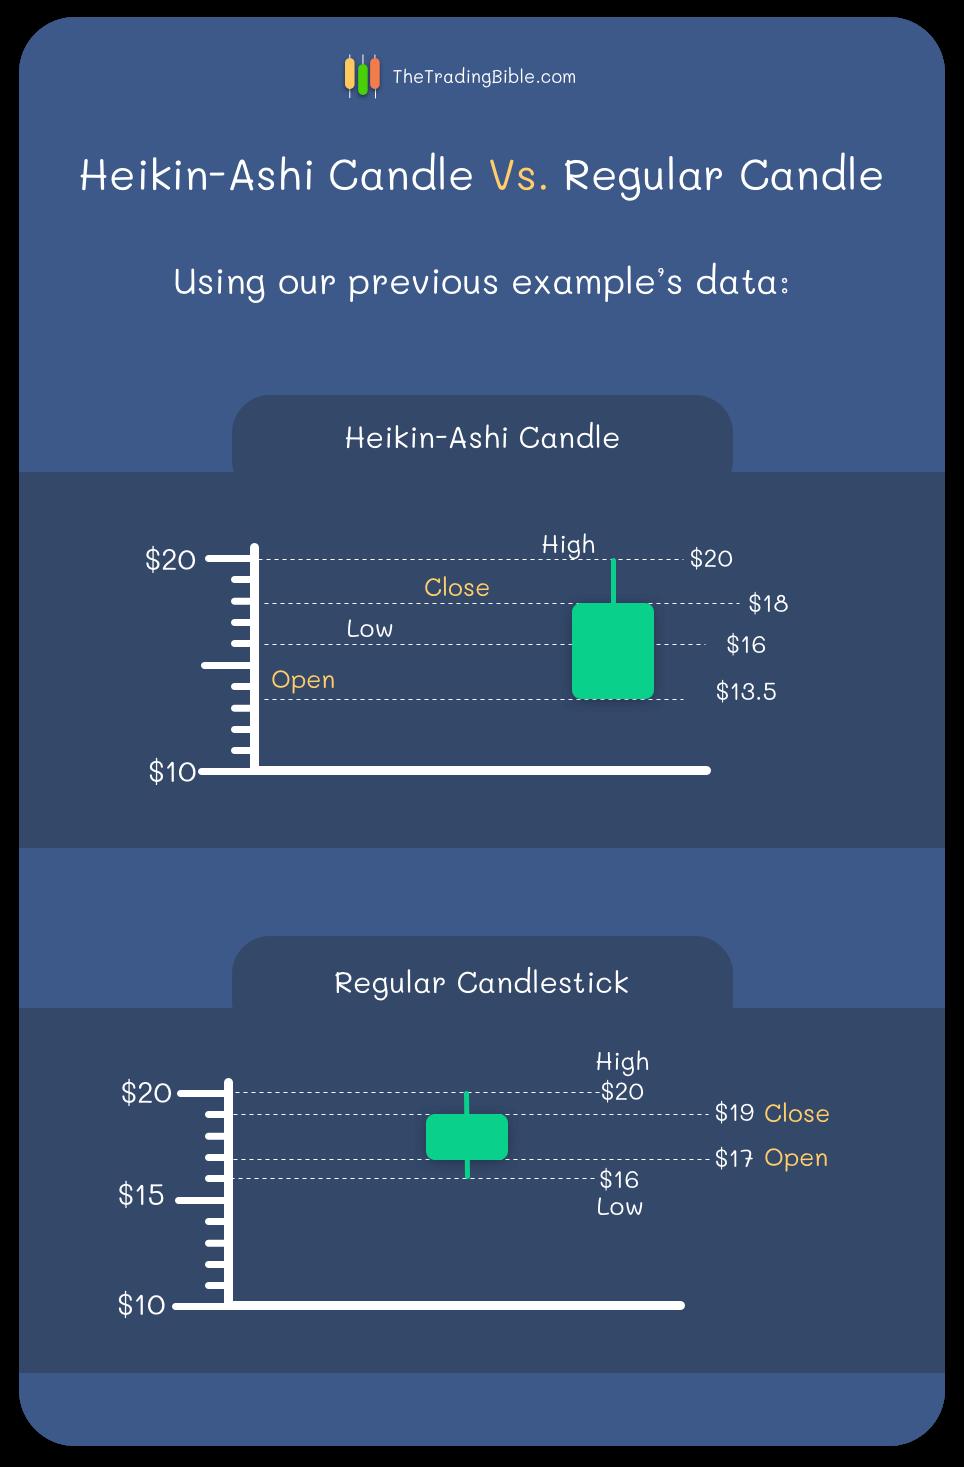 Heikin-Ashi vs Traditionelle Kerze